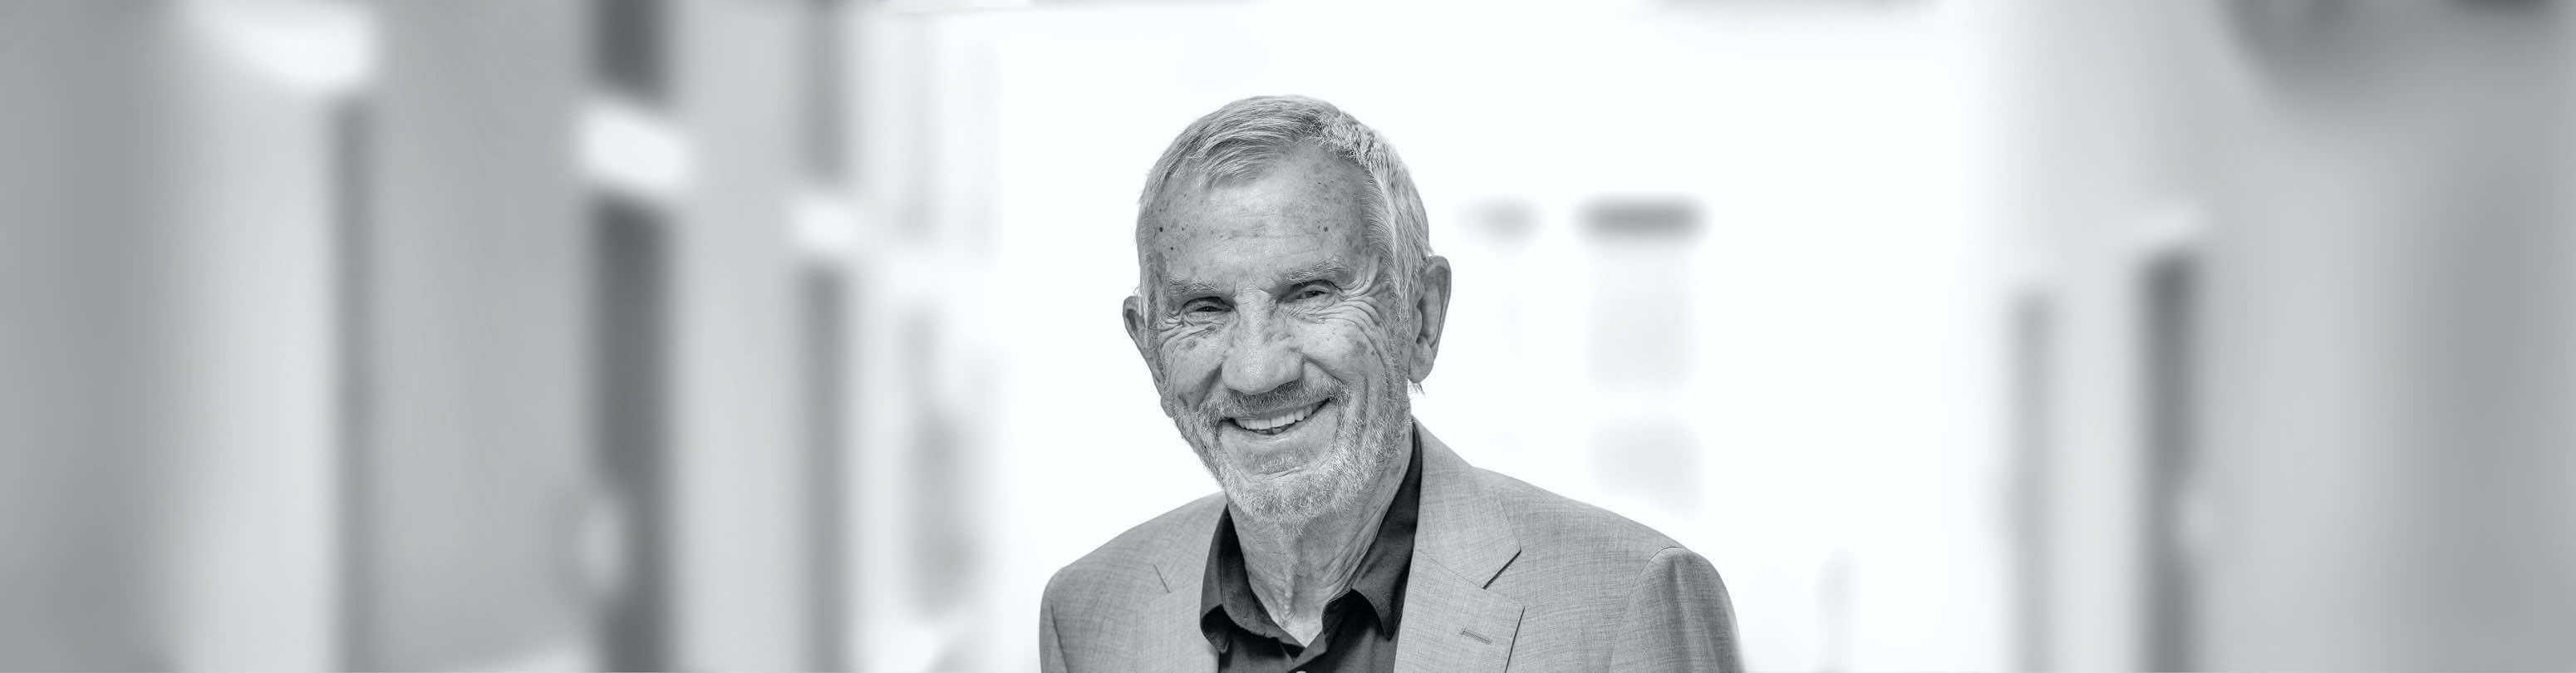 Dr. Manfred Lautenschläger